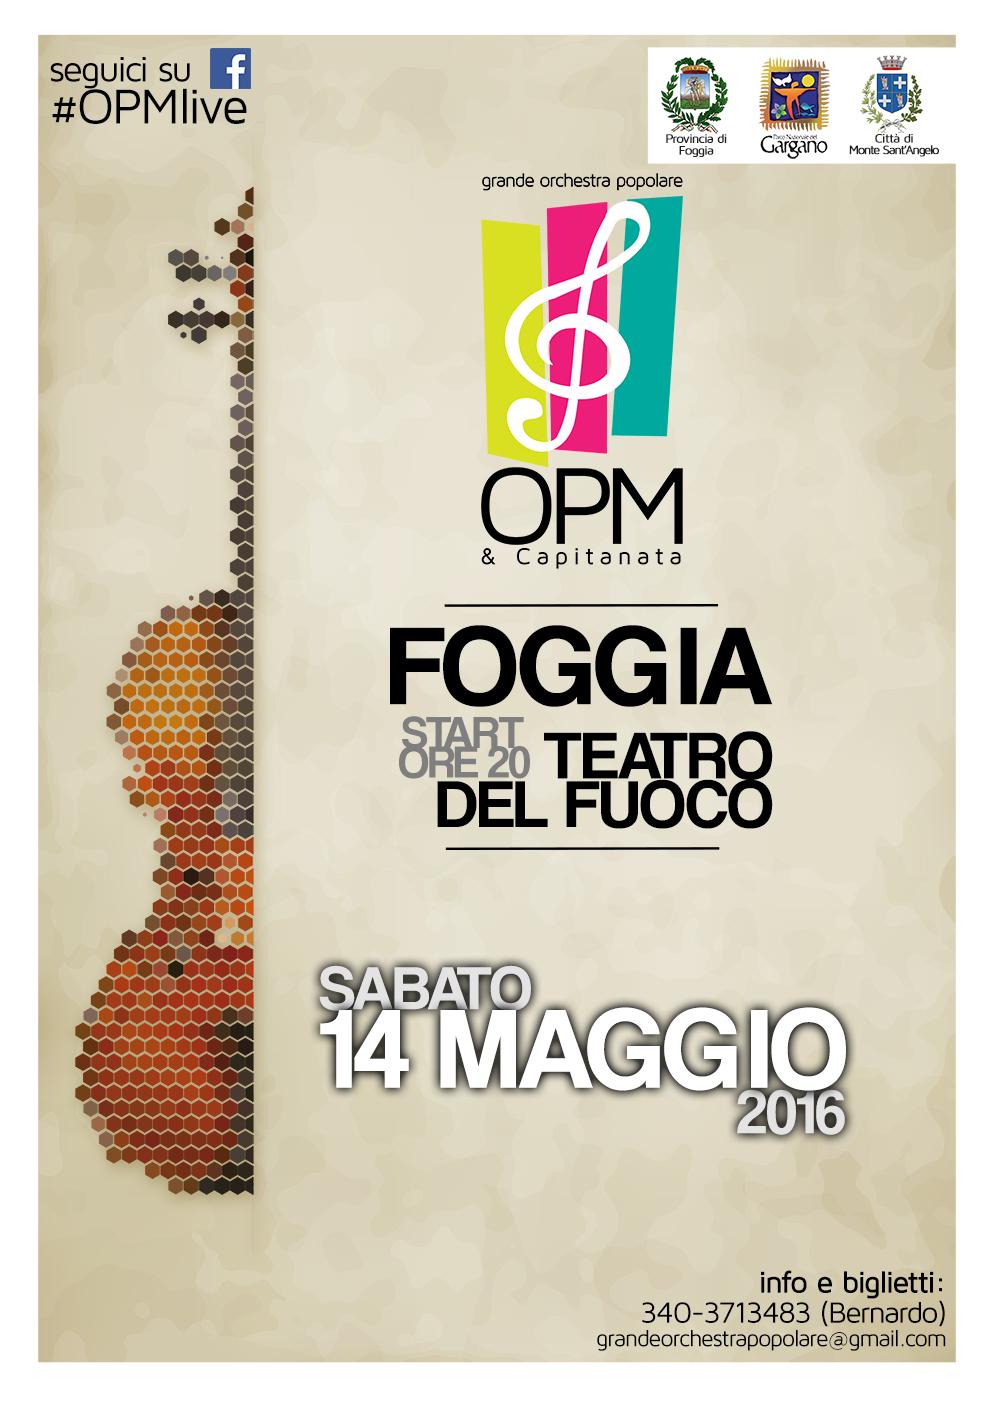 Orchestra Popolare in concerto al Teatro del Fuoco di Foggia